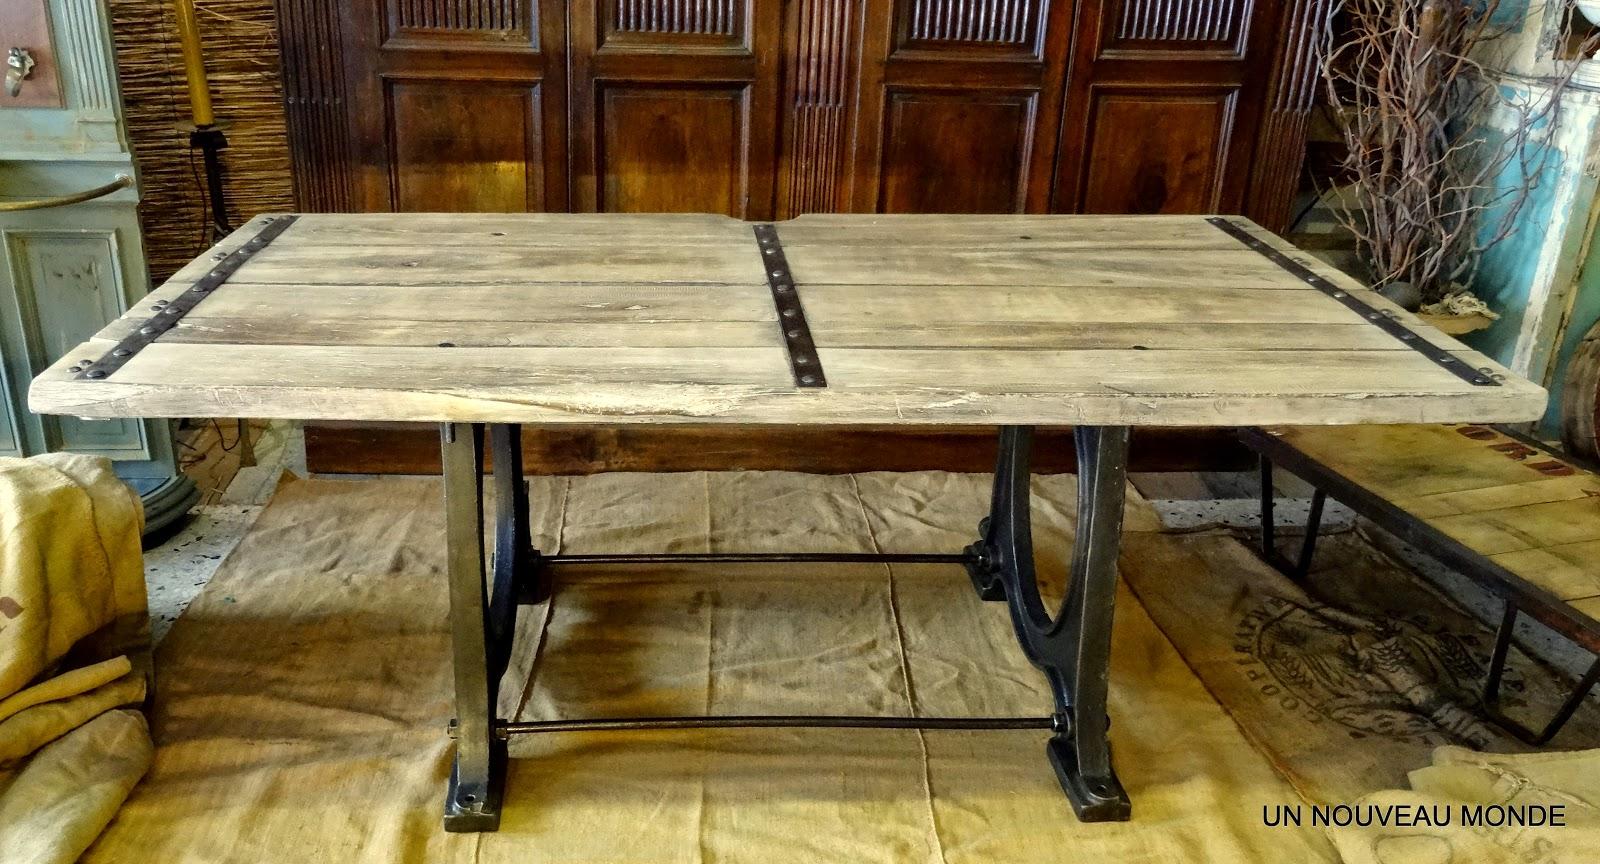 Brocante d coration un nouveau monde table industrielle bois et fonte - Brocante mobilier industriel ...